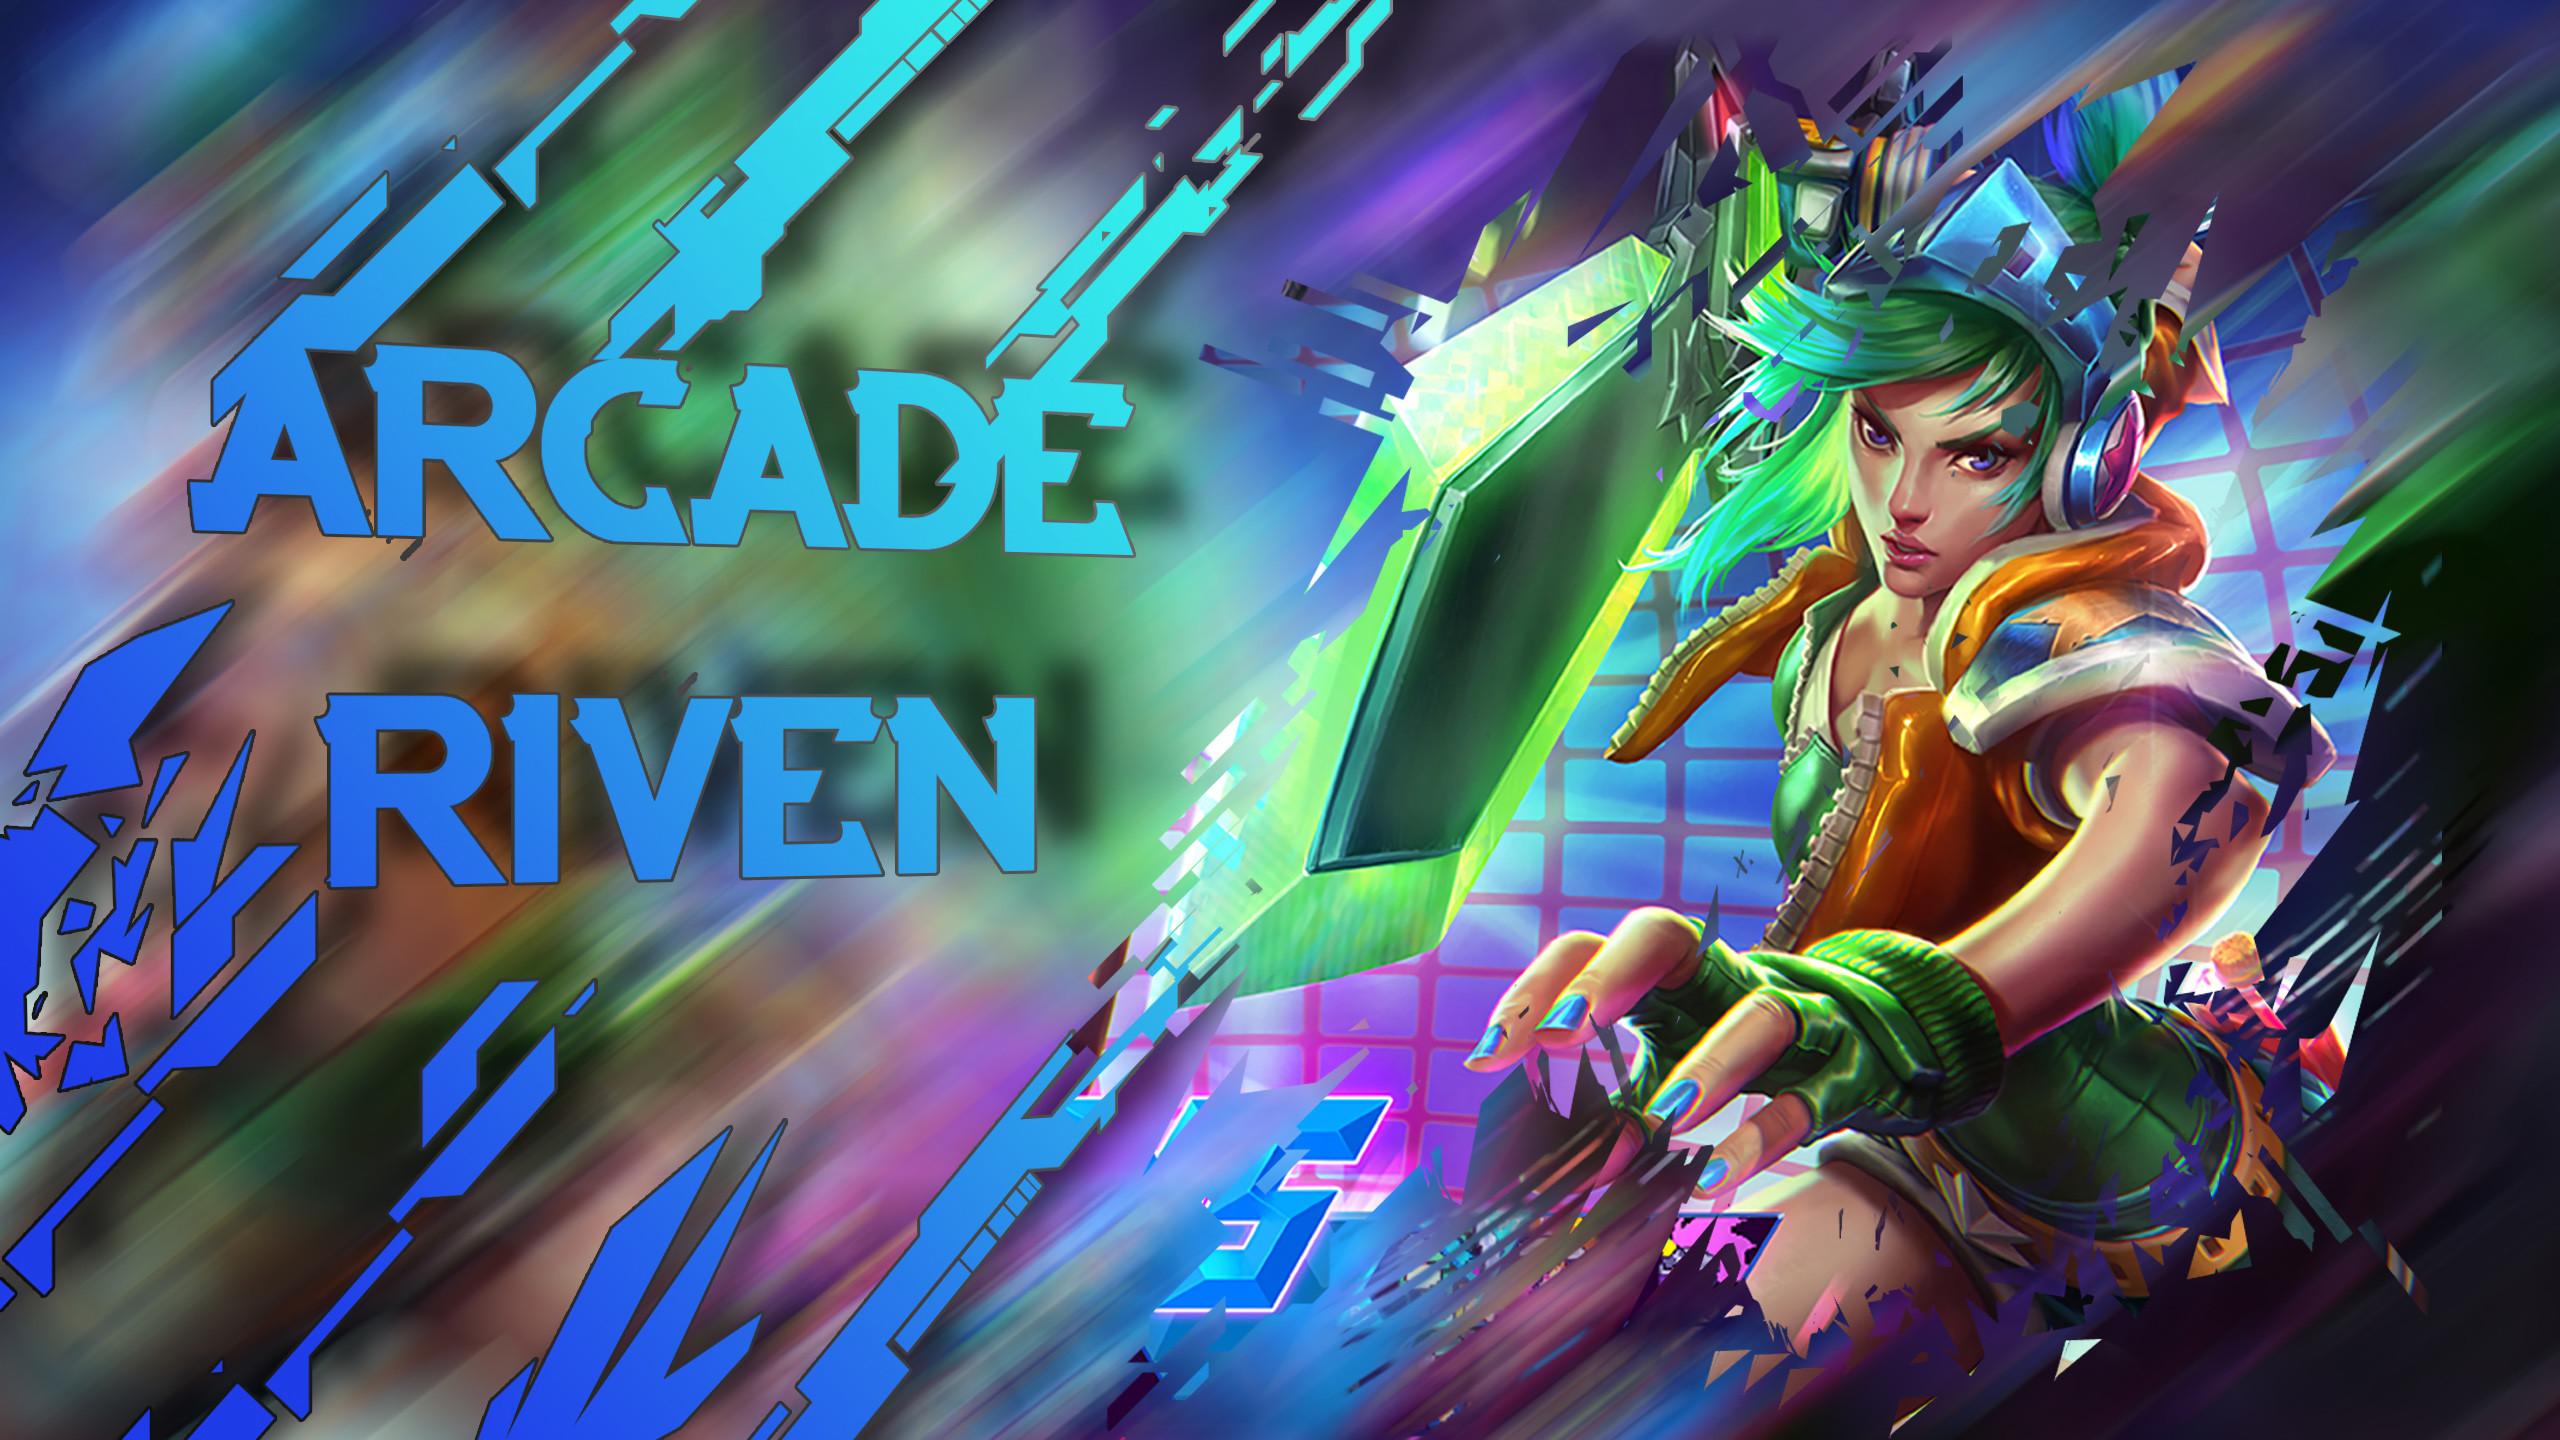 Arcade Riven by Steruto HD Wallpaper Fan Art Artwork League of Legends lol